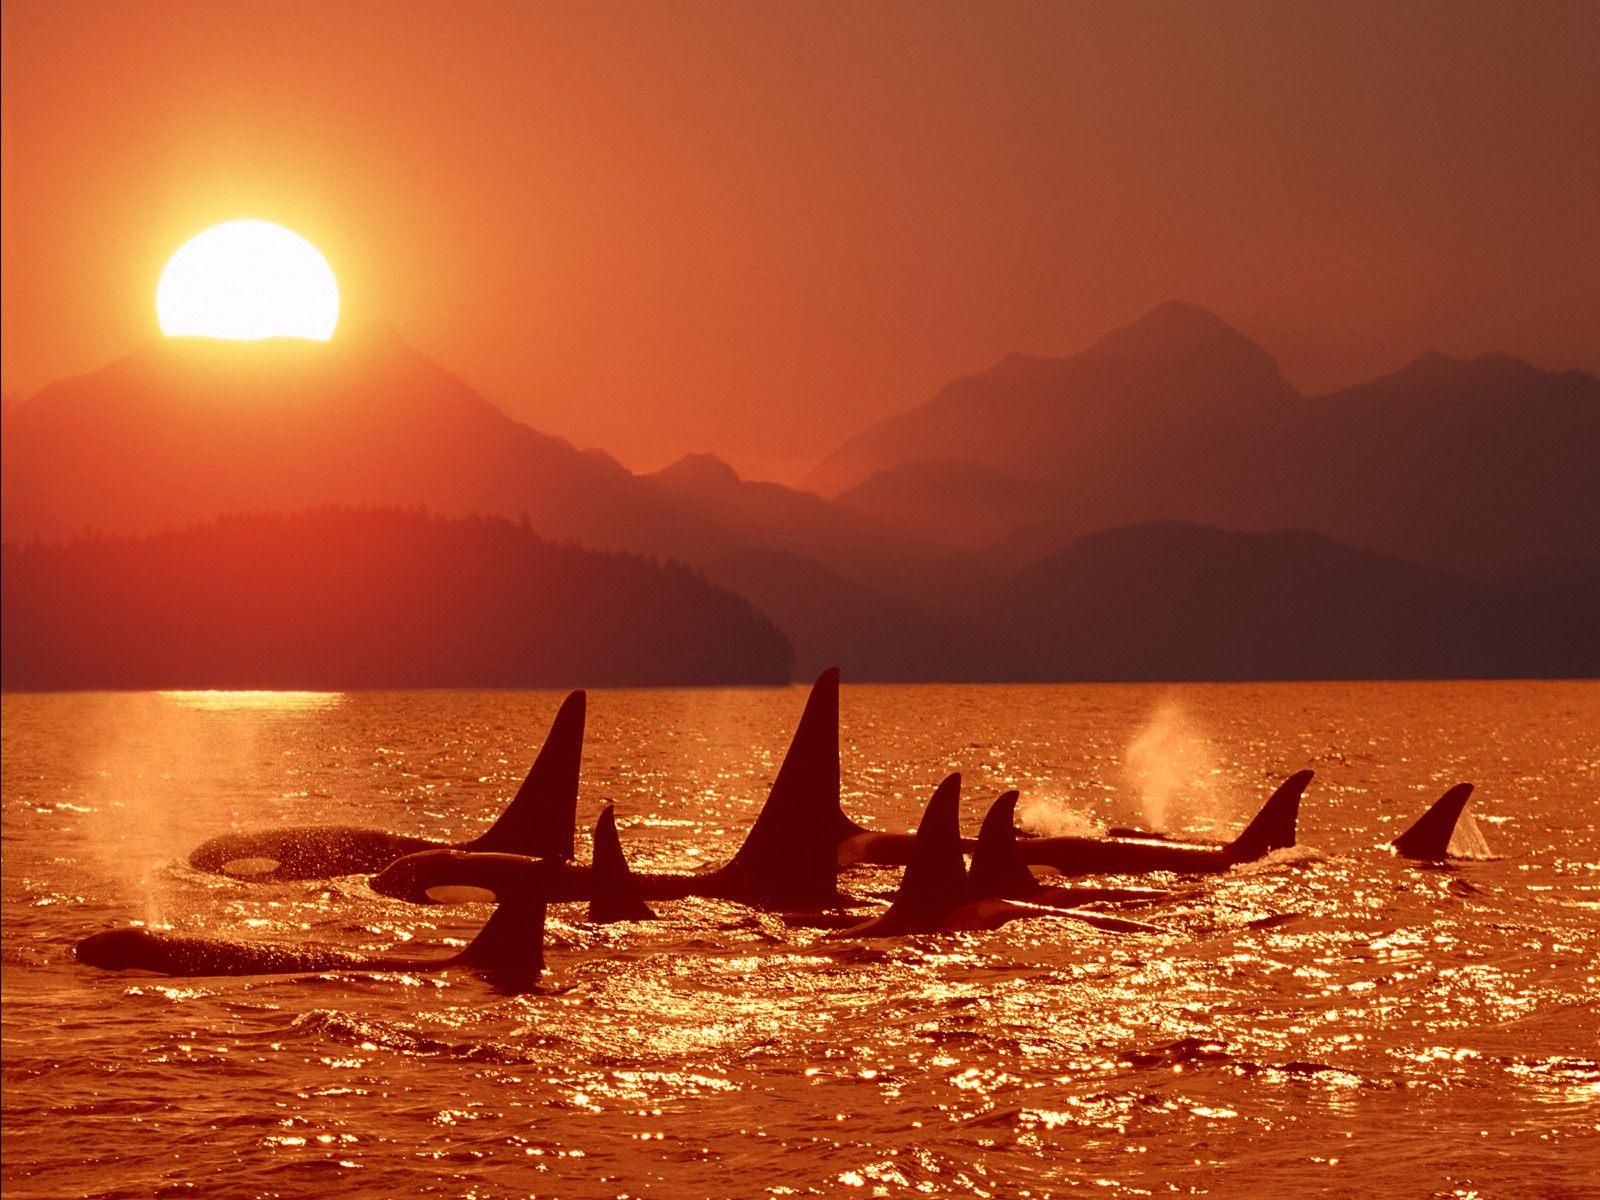 красивые картинки с животными - FOTOGRADUS Красивые фотографии животных